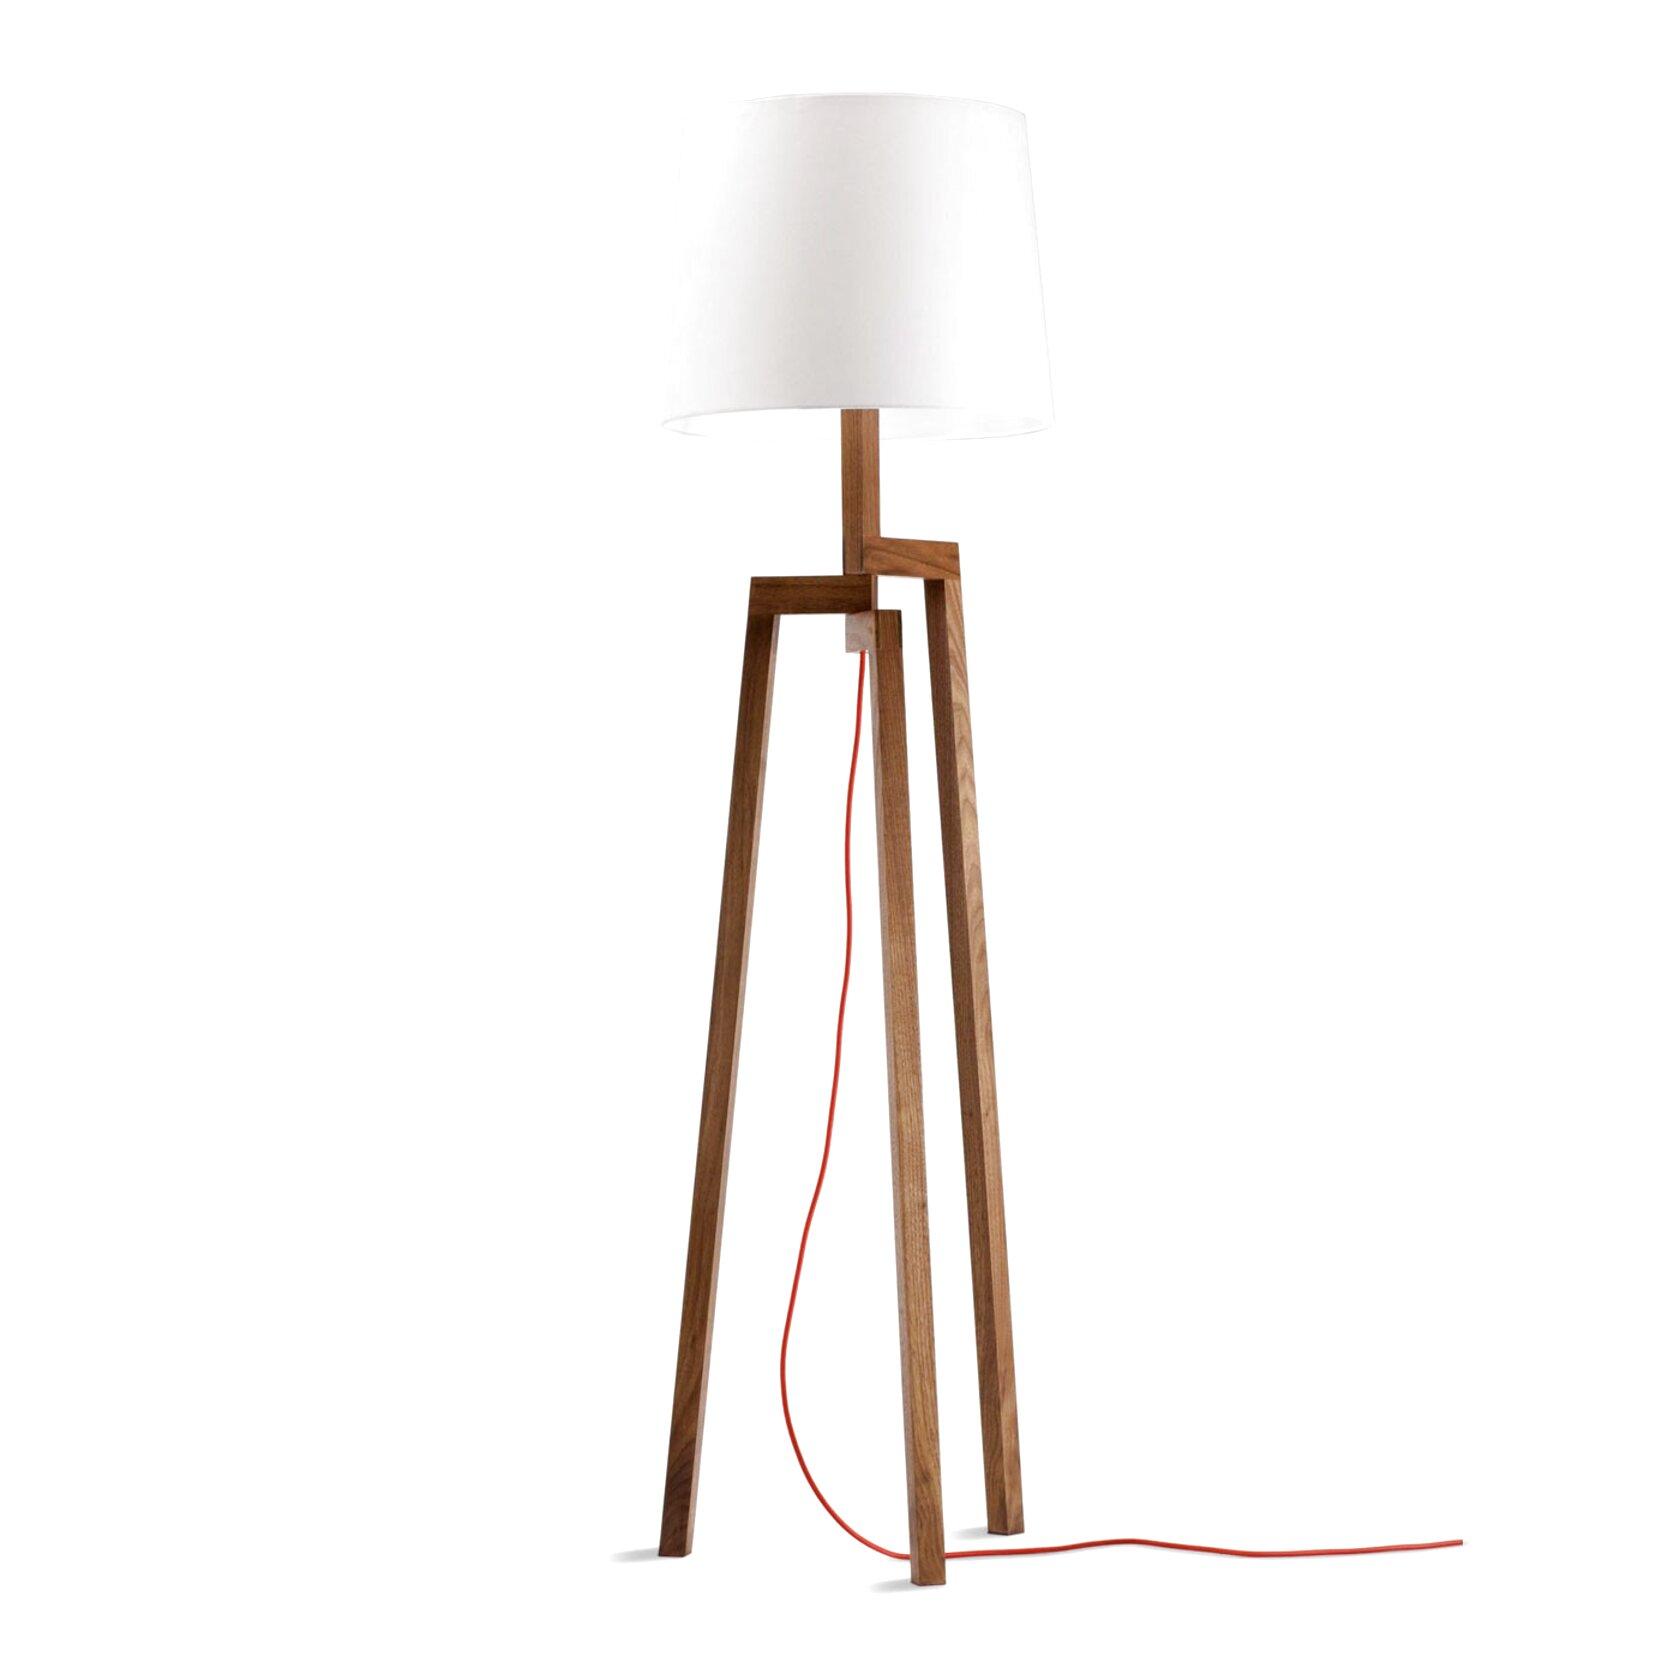 Stehlampe Design Gebraucht